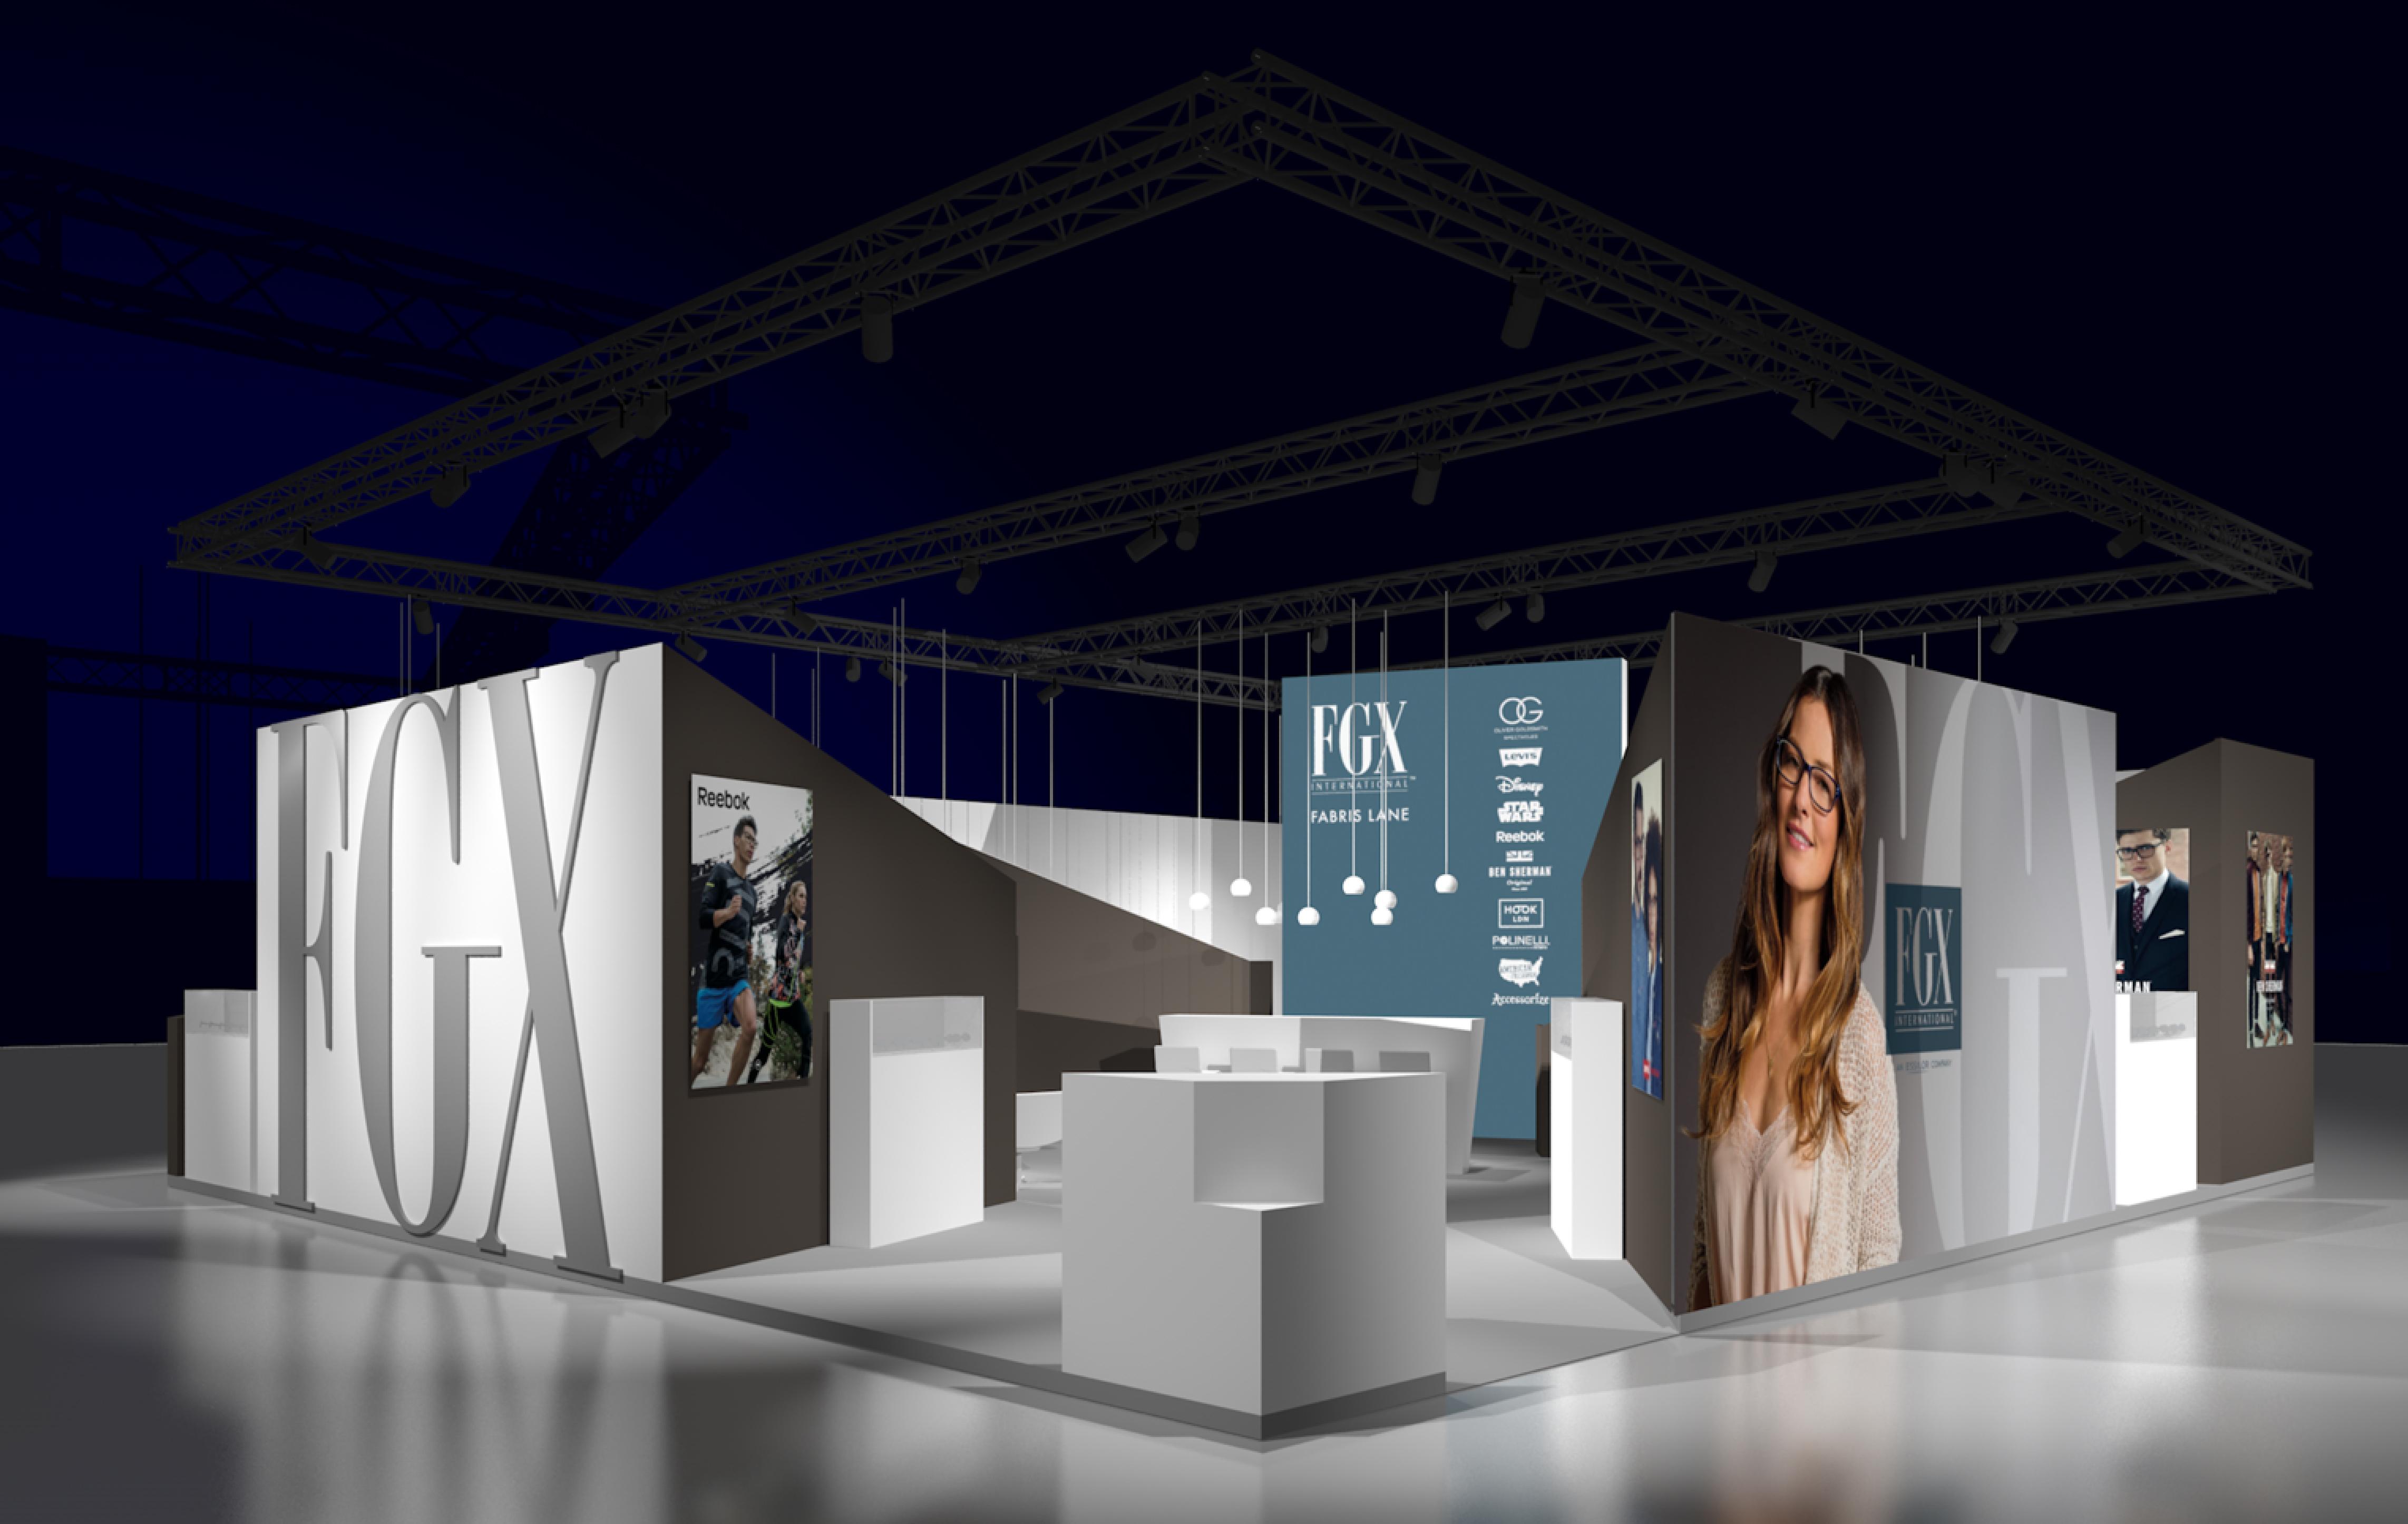 FGX Entwurf 1